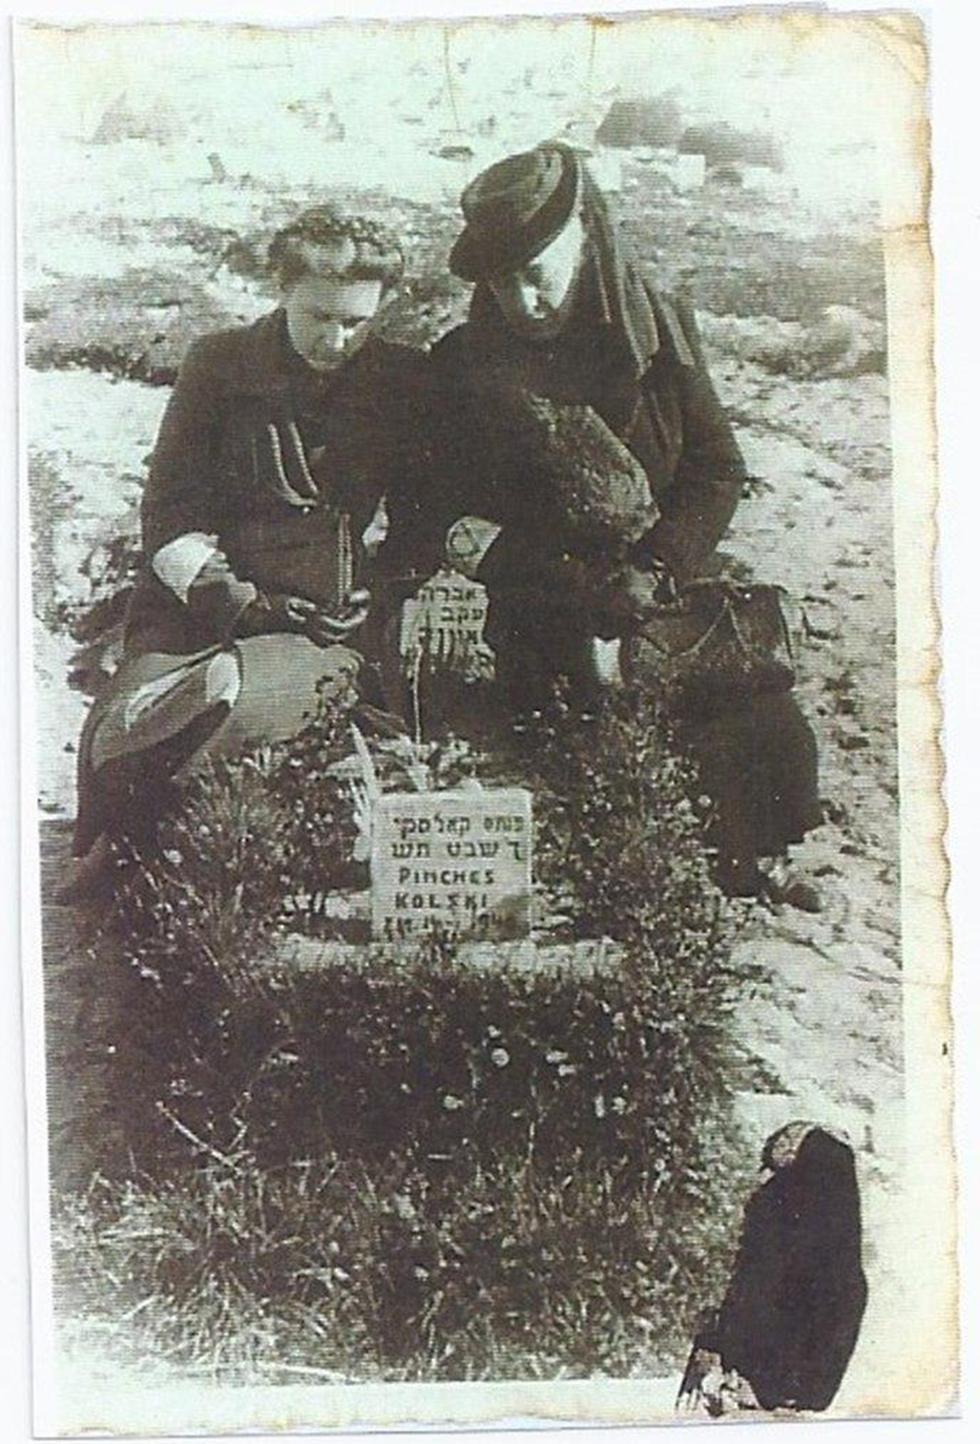 קברו של פנחס קולסקי בגטו ורשה. מעל הקבר עומדות רחל ומירקה ()